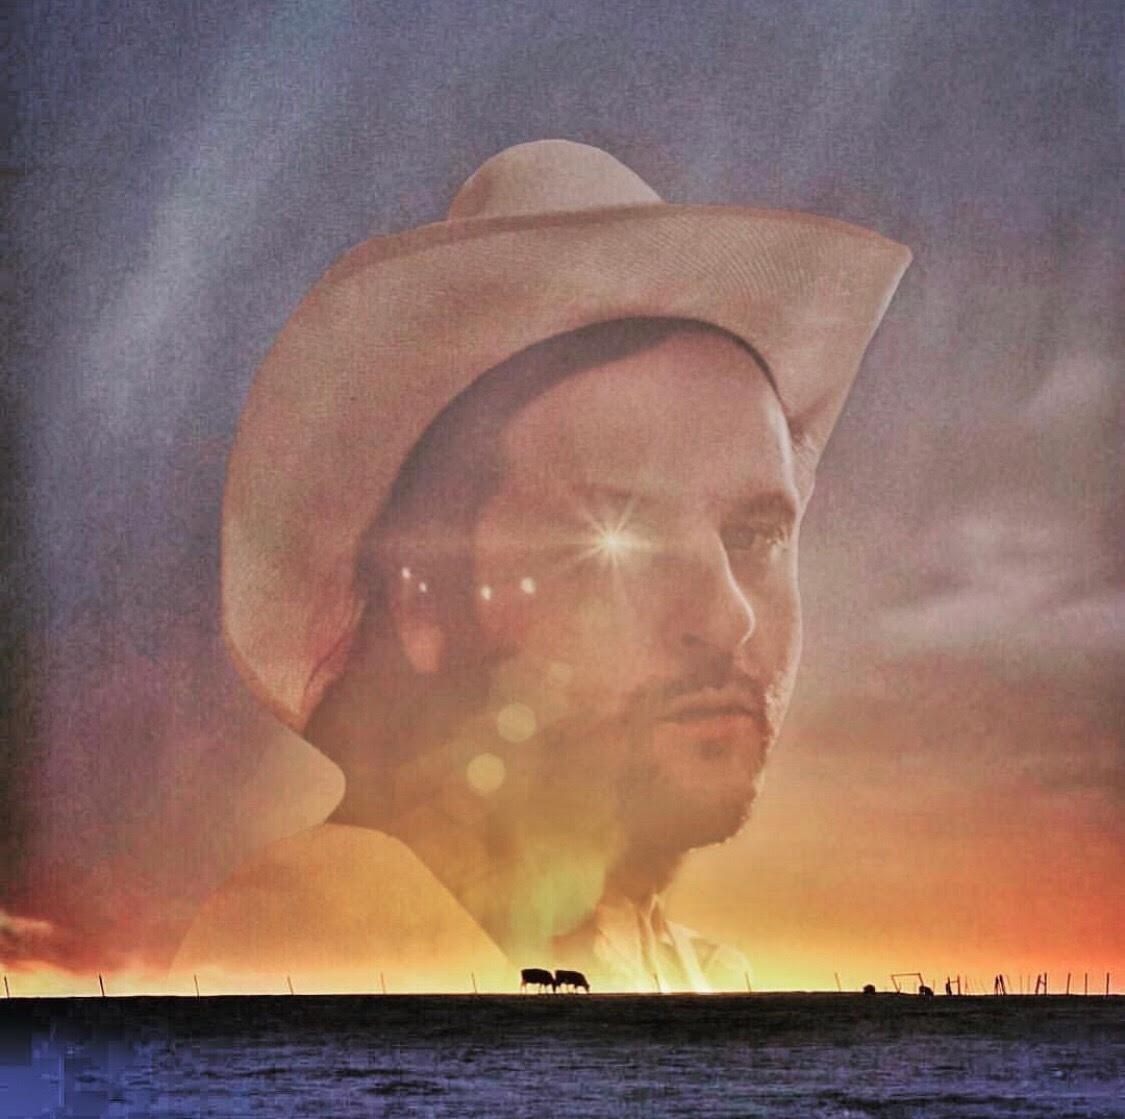 The Bobby Tenderloin Universe,